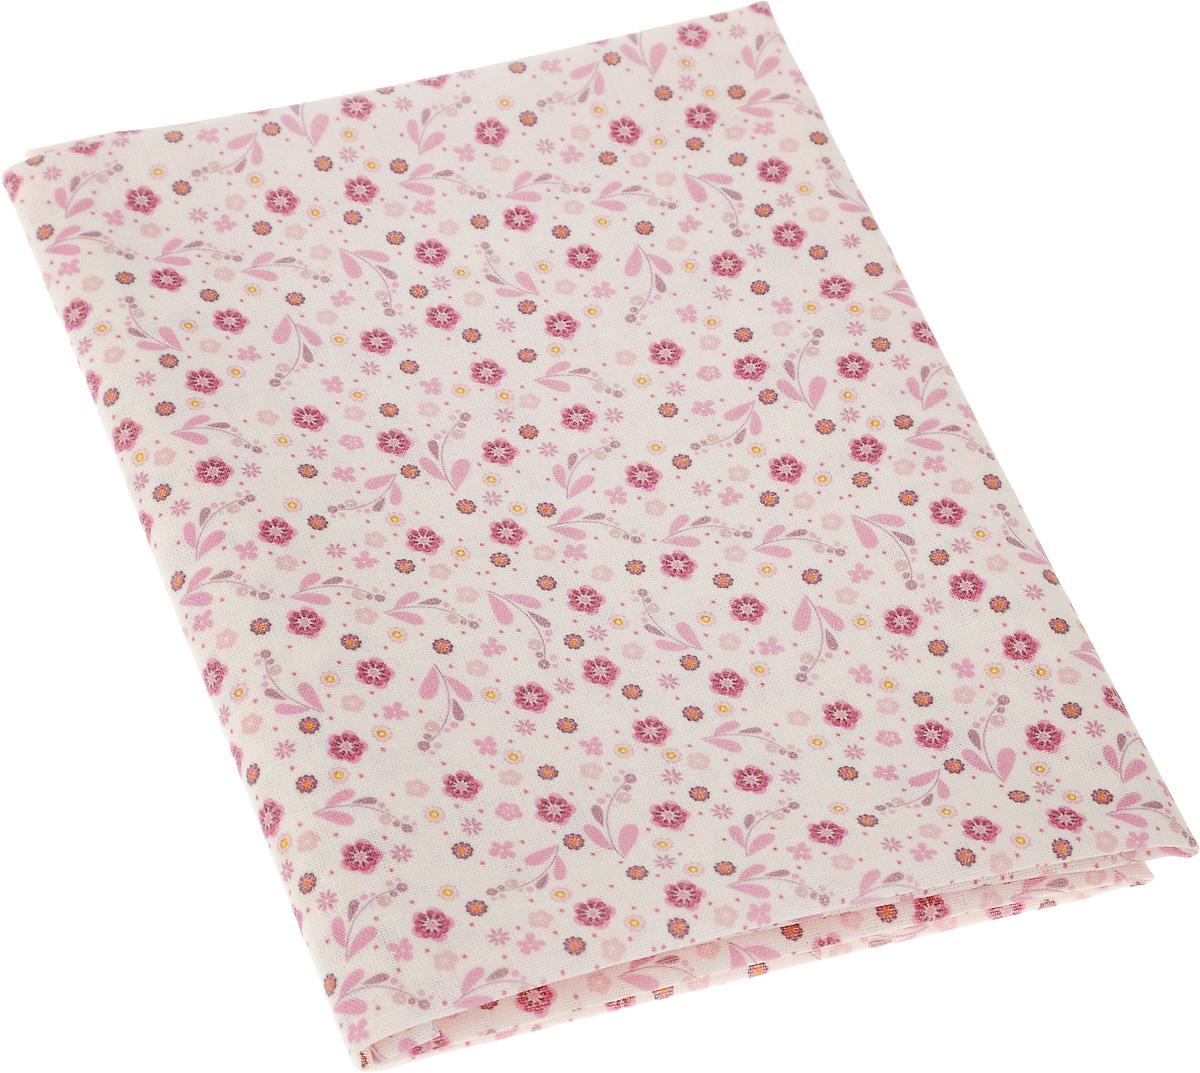 Ткань для пэчворка Артмикс Печворк, цвет: молочный, розовый, 48 x 50 смRSP-202SТкань Артмикс Печворк, изготовленная из 100% хлопка, предназначена для пошива одеял, покрывал, сумок, аппликаций и прочих изделий в технике пэчворк. Также подходит для пошива кукол, аксессуаров и одежды.Пэчворк - это вид рукоделия, при котором по принципу мозаики сшивается цельное изделие из кусочков ткани (лоскутков). Плотность ткани: 120 г/м2.УВАЖАЕМЫЕ КЛИЕНТЫ!Обращаем ваше внимание, на тот факт, что размер отреза может отличаться на 1-2 см.